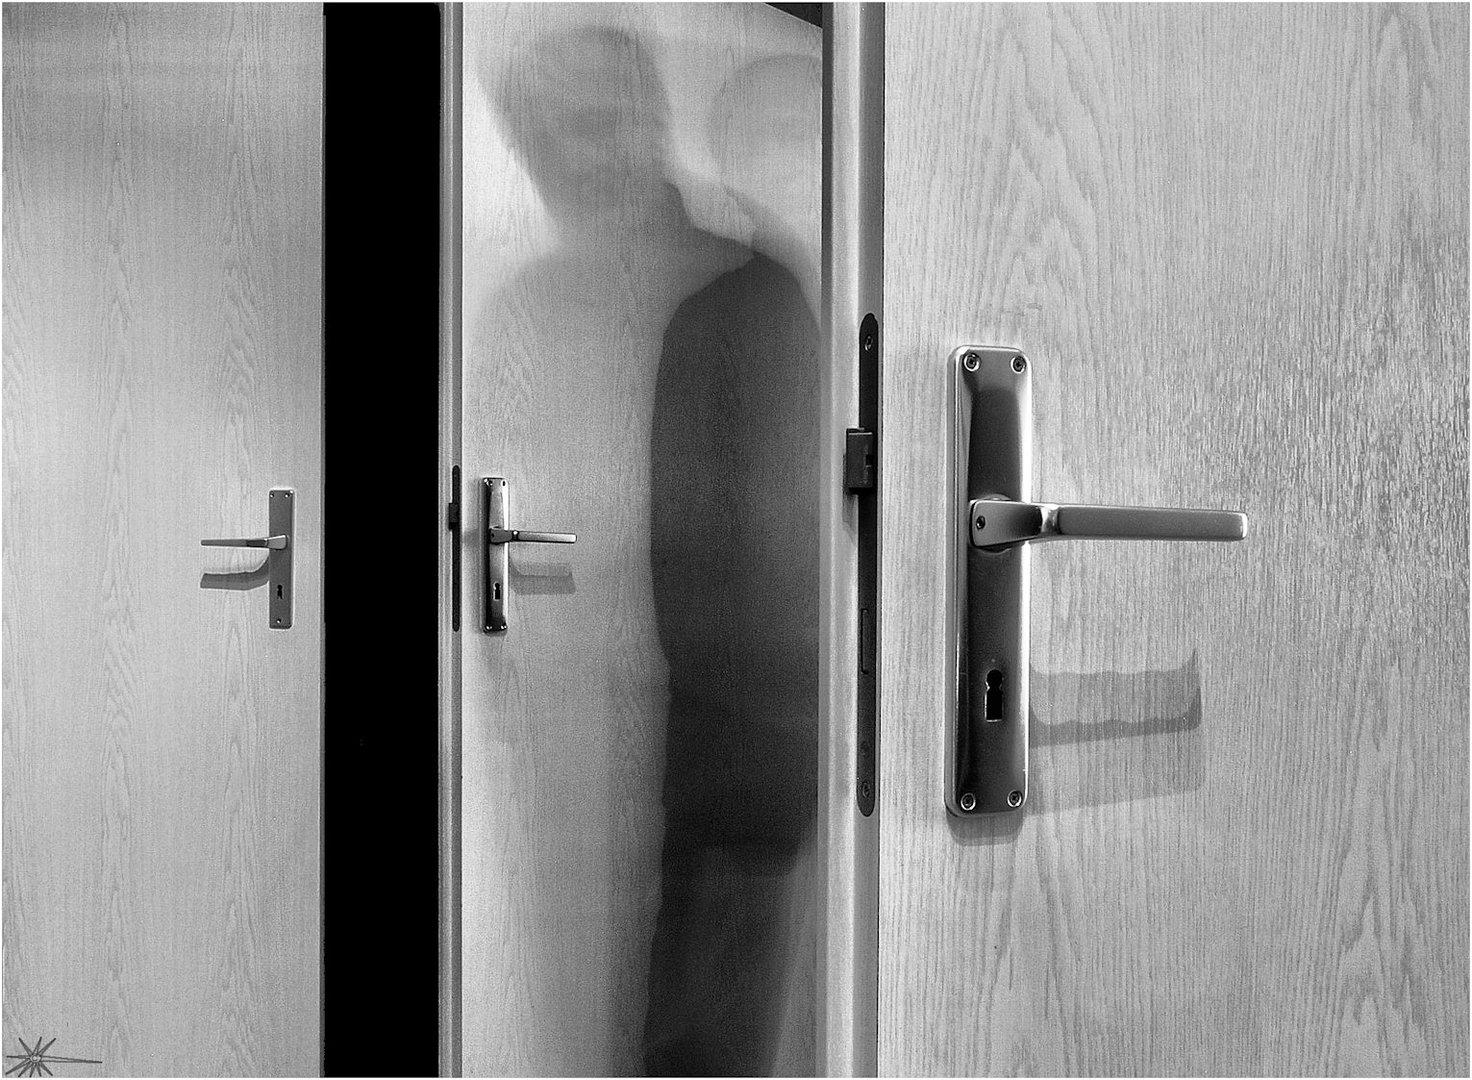 le temps entre les portes